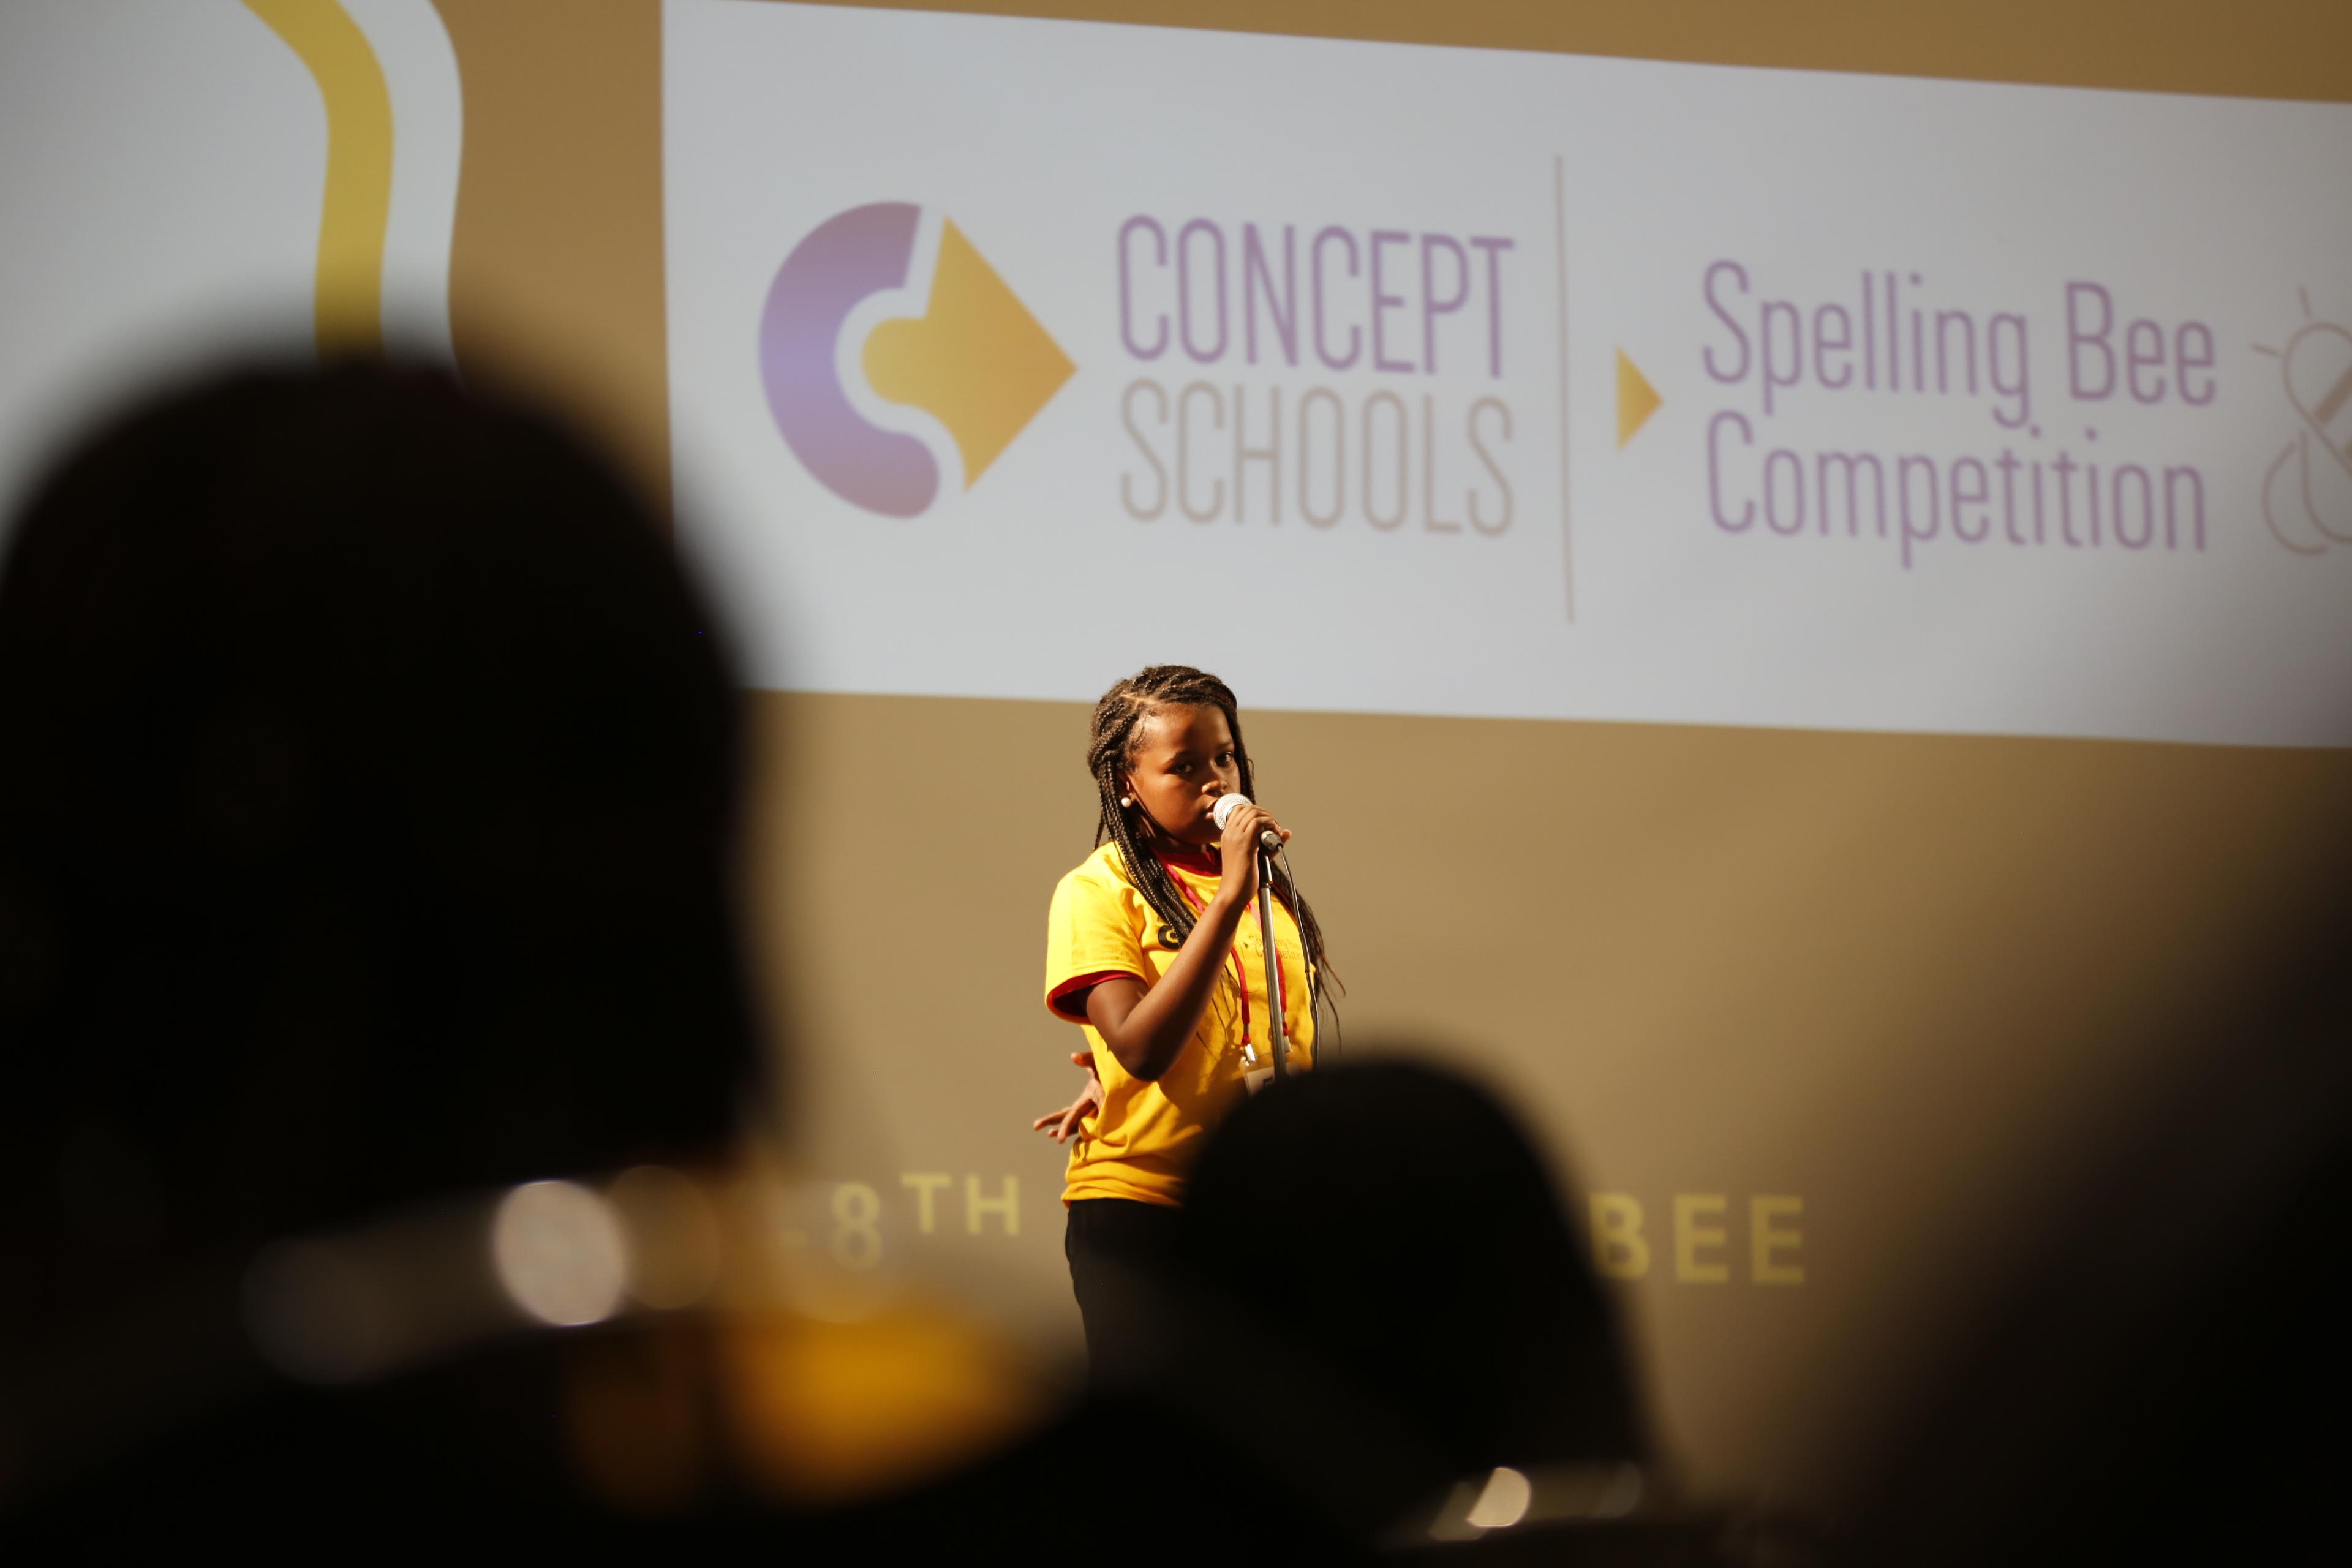 spelling-bee-concept-schools27